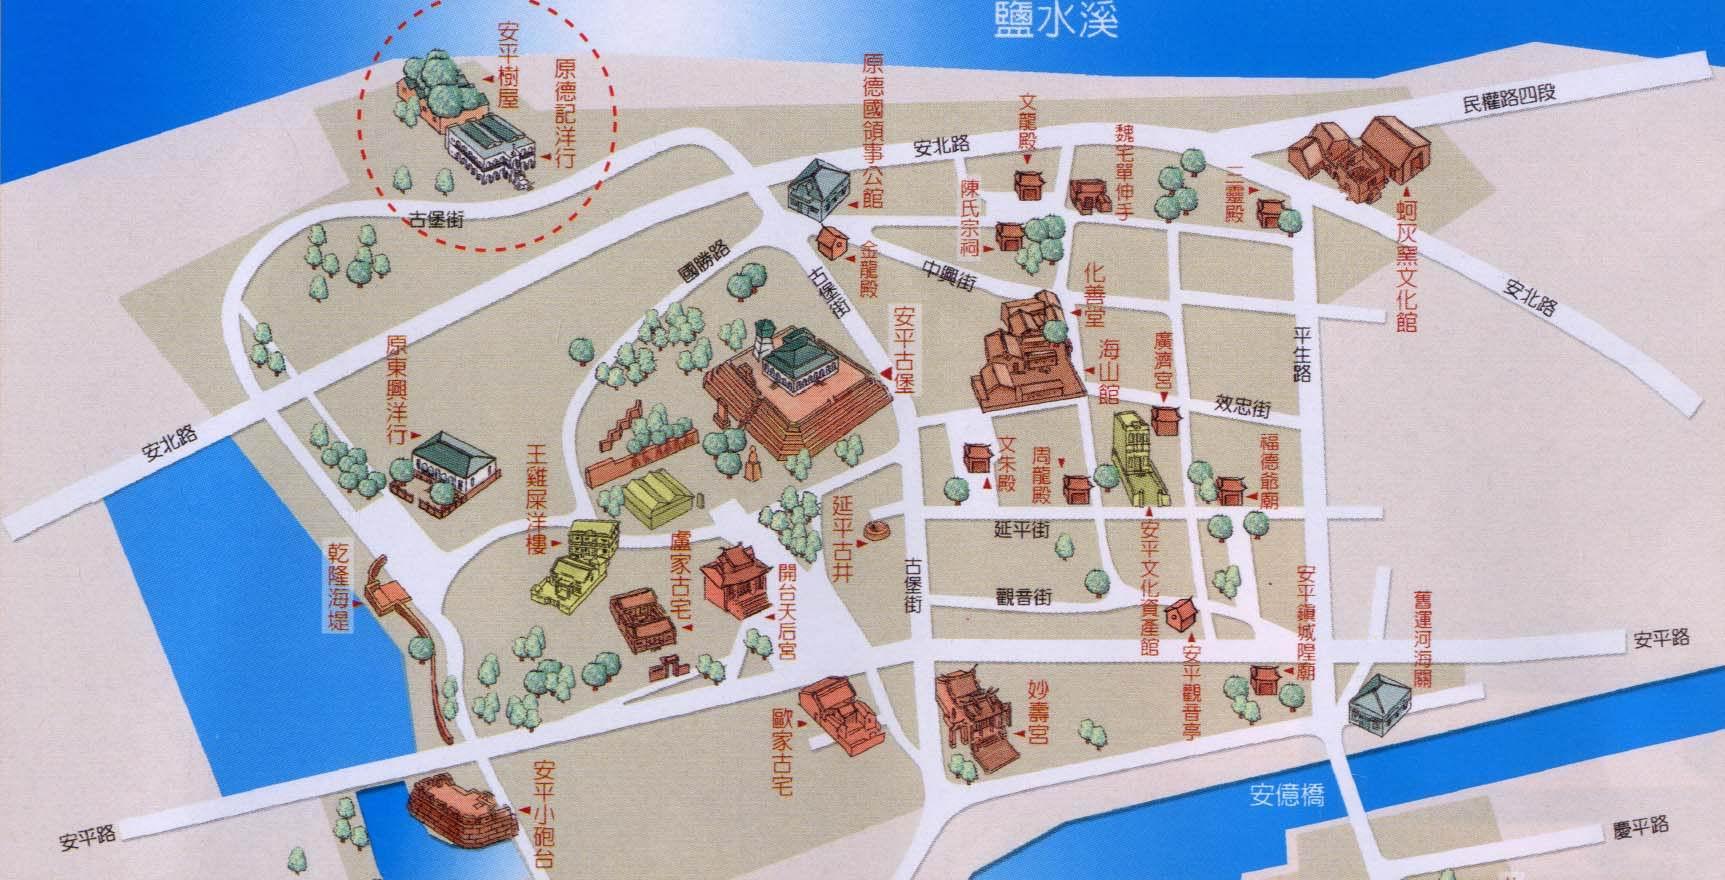 安平導覽地圖.jpg